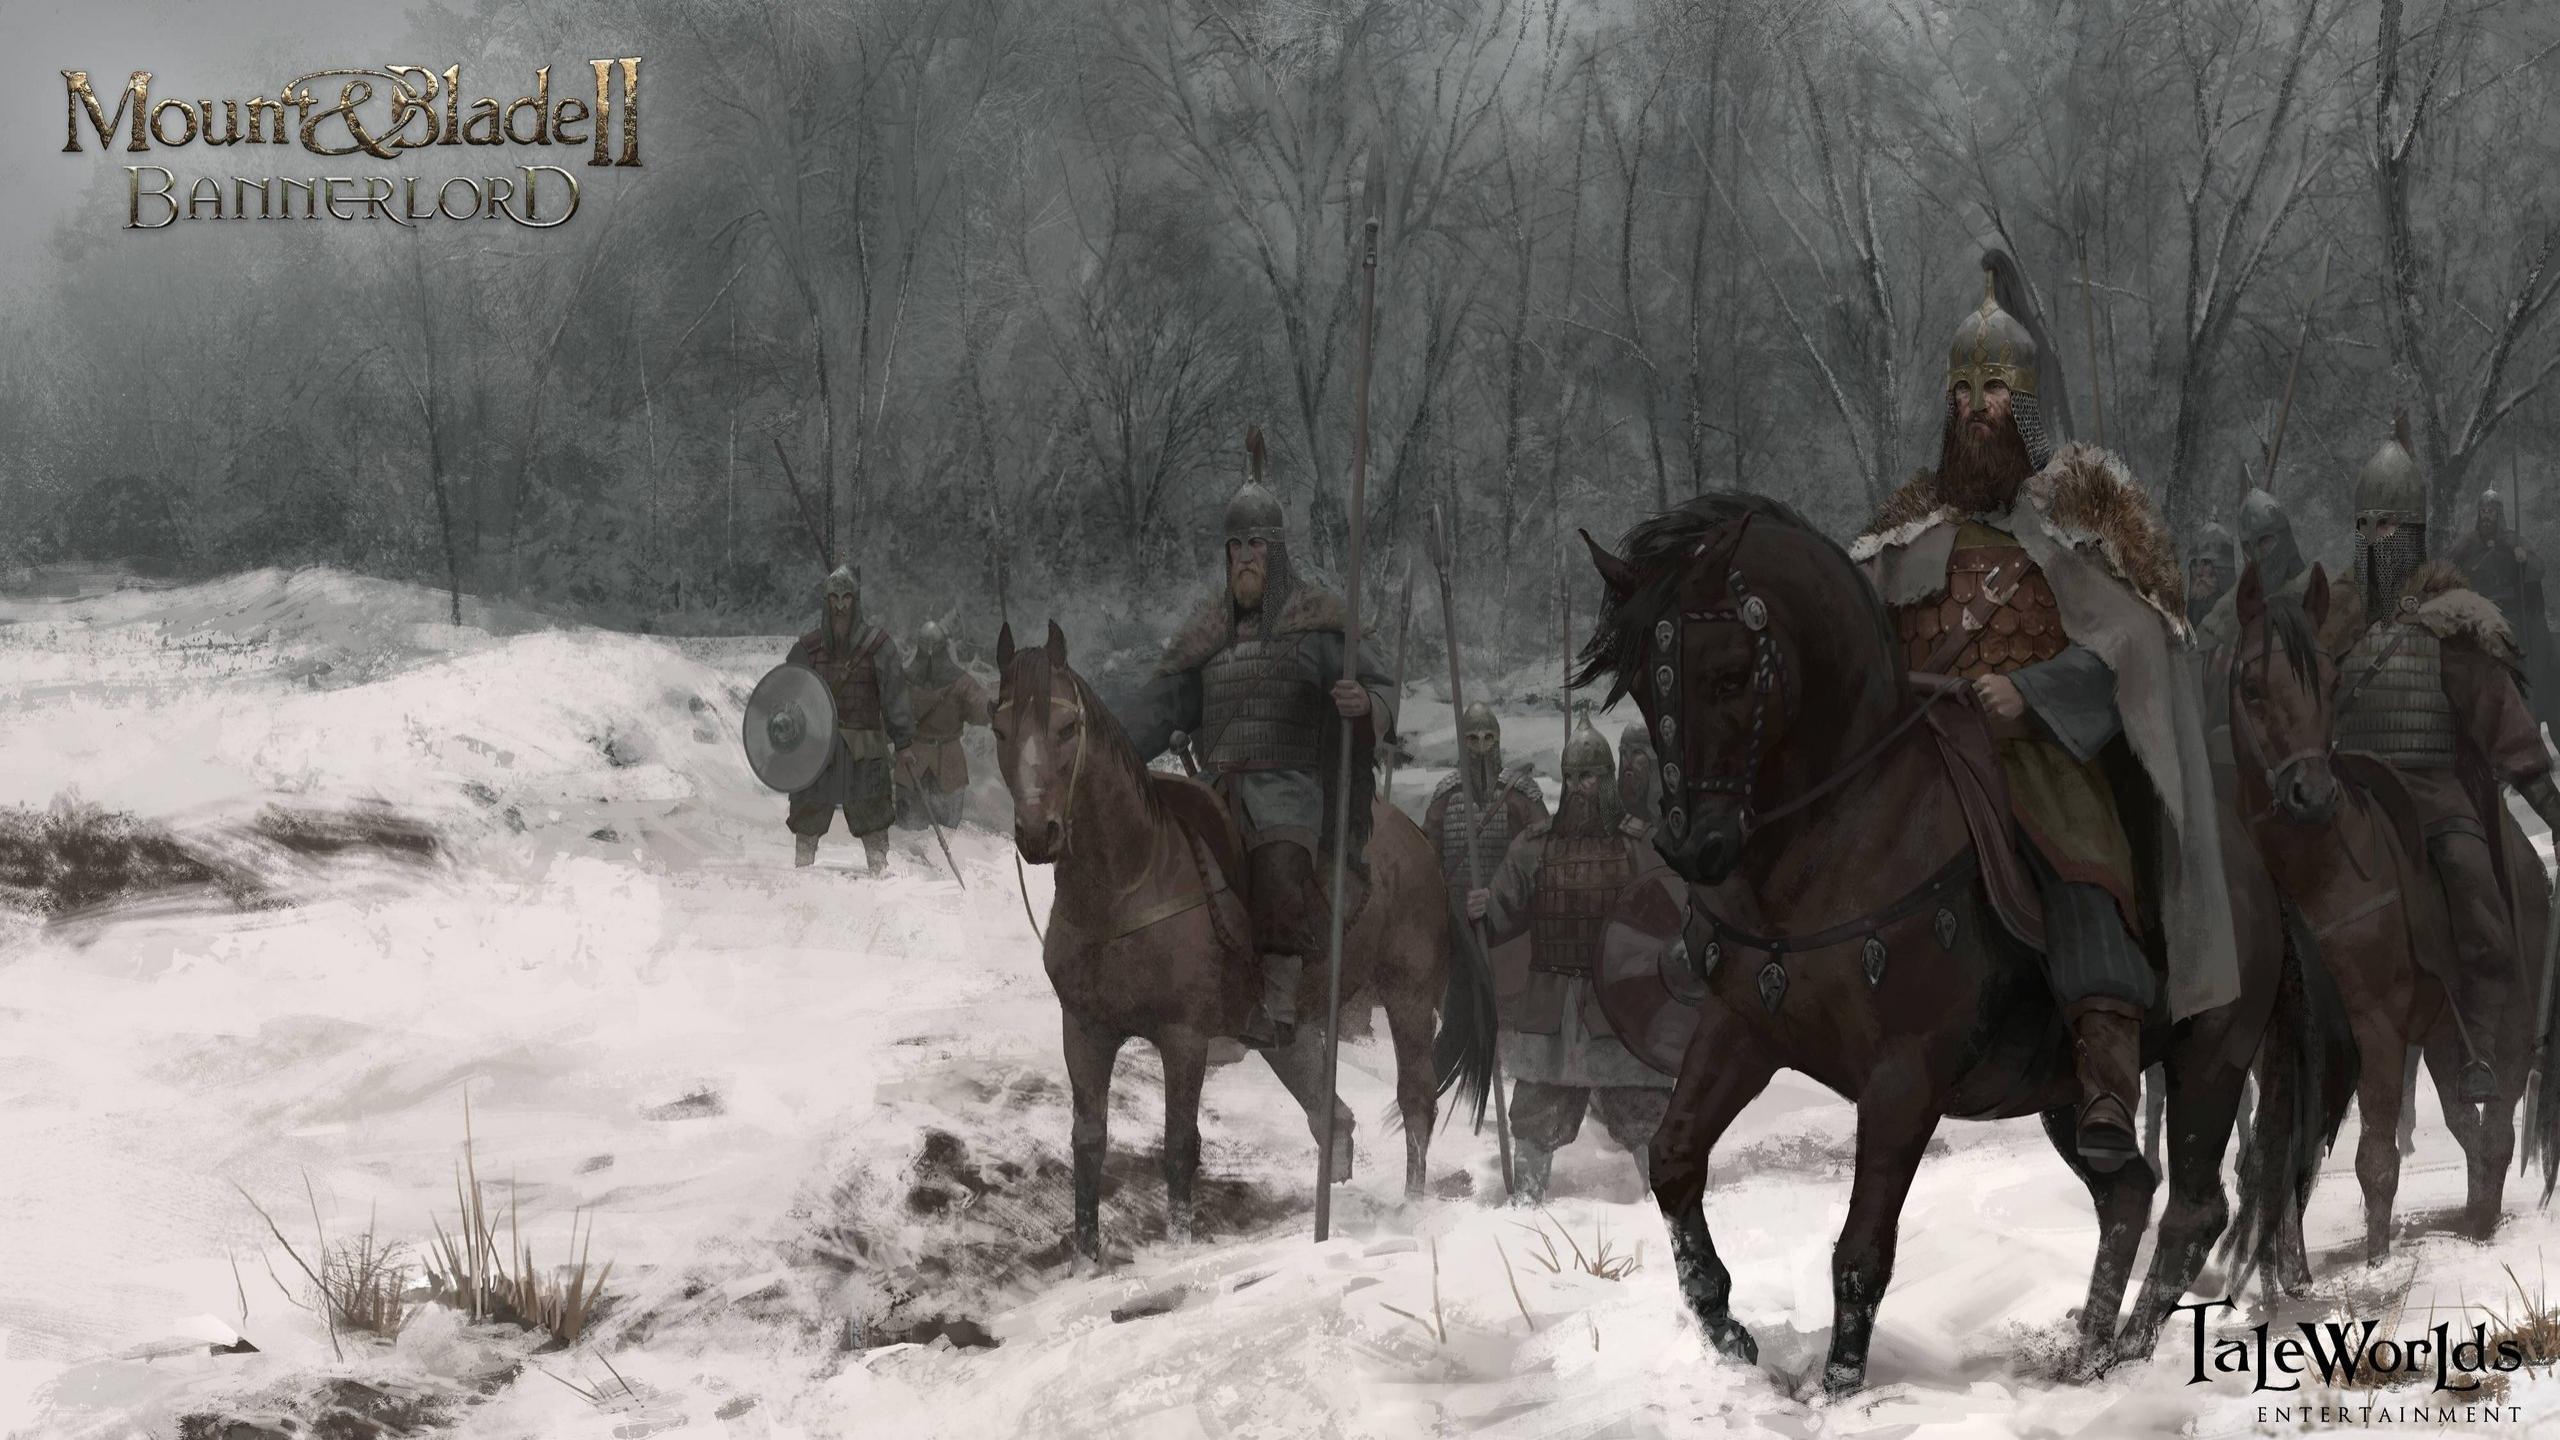 Mount & Blade wallpapers 2560x1440 desktop backgrounds